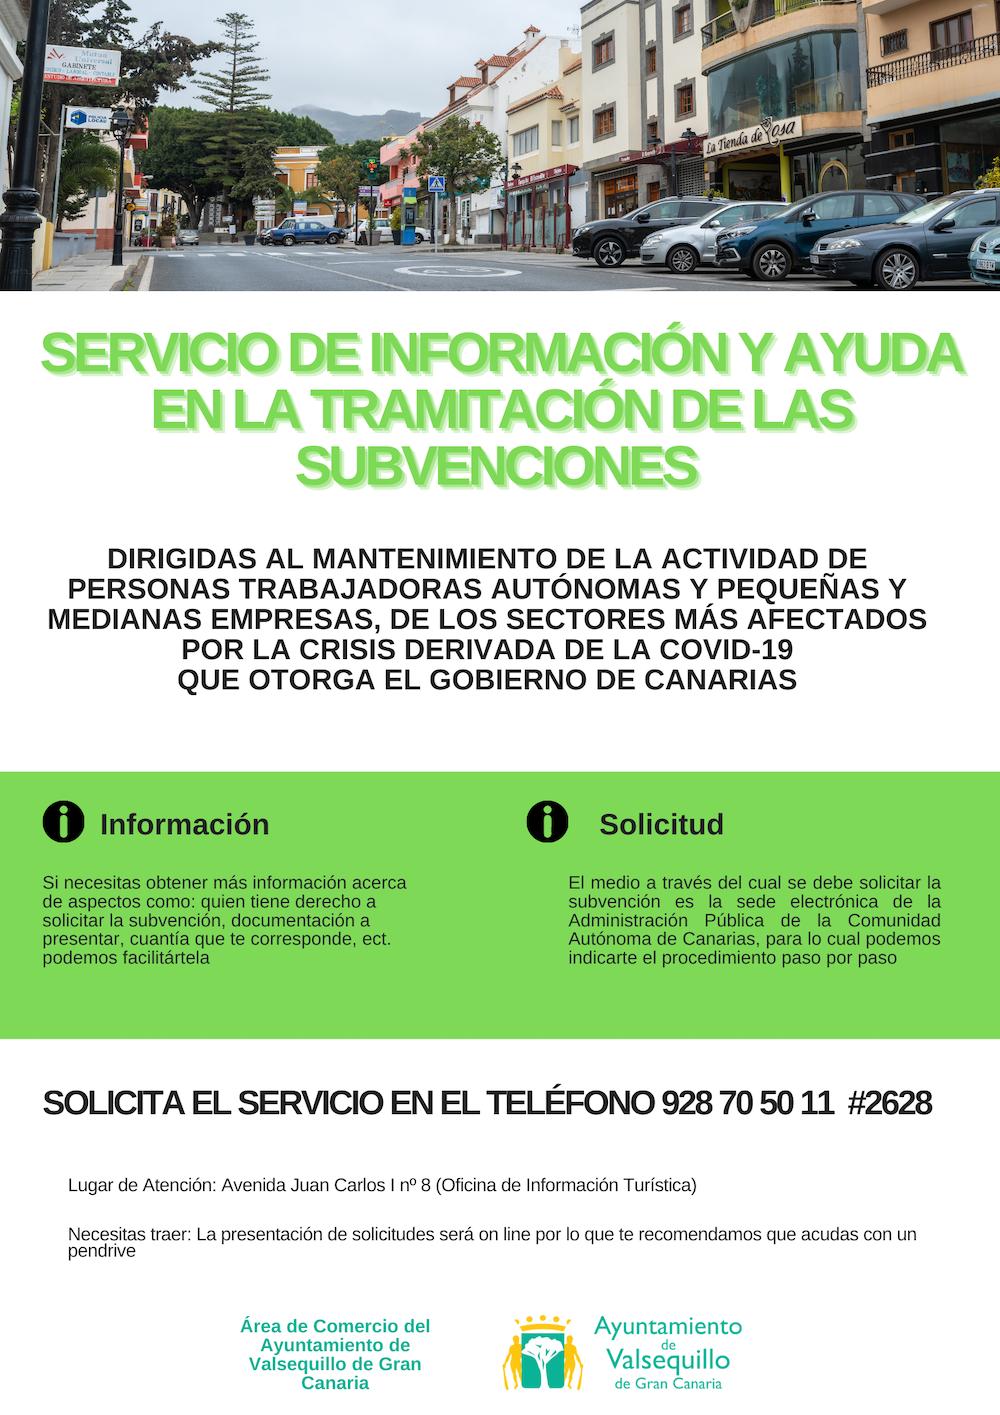 Cartel con información de ayudas a las empresas afectadas por la COVID-19